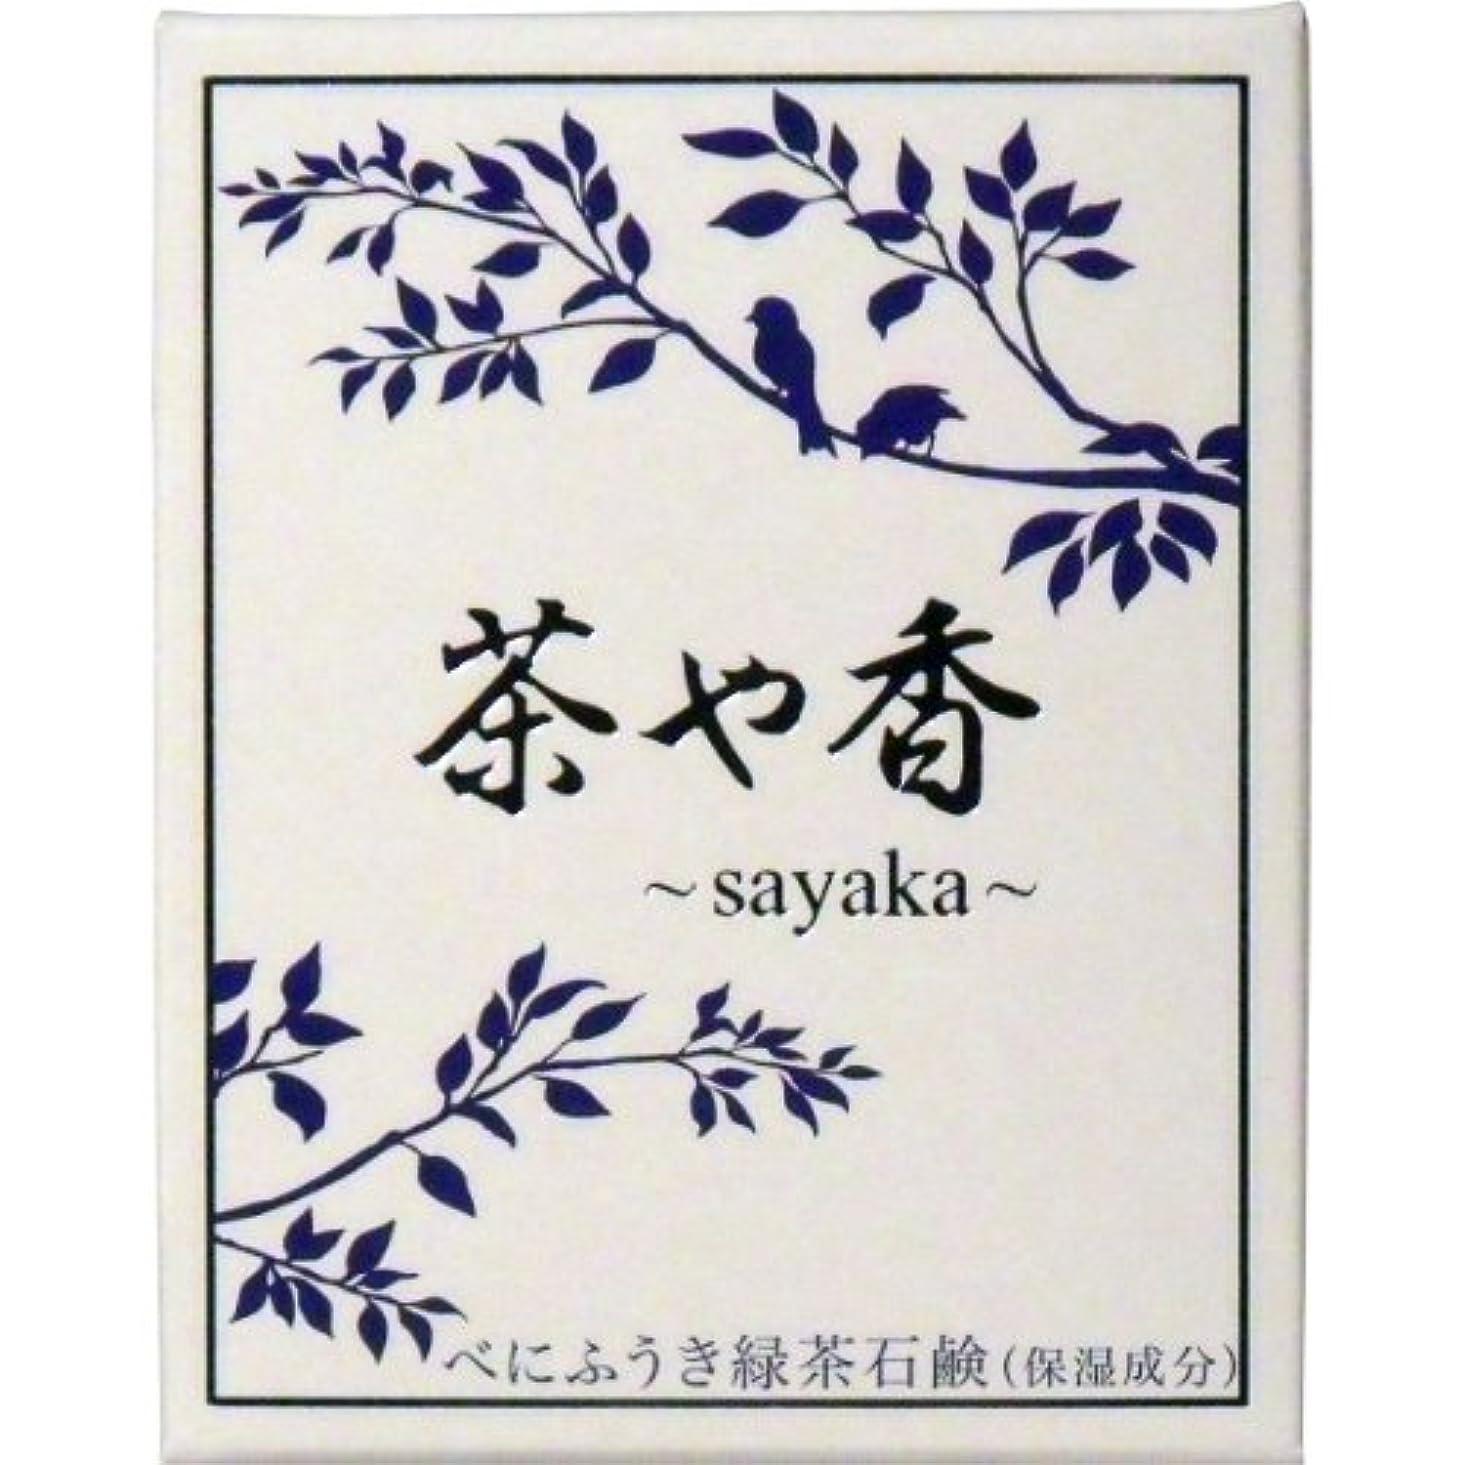 技術者古代レーザ茶や香 -sayaka- べにふうき緑茶石鹸 100g入